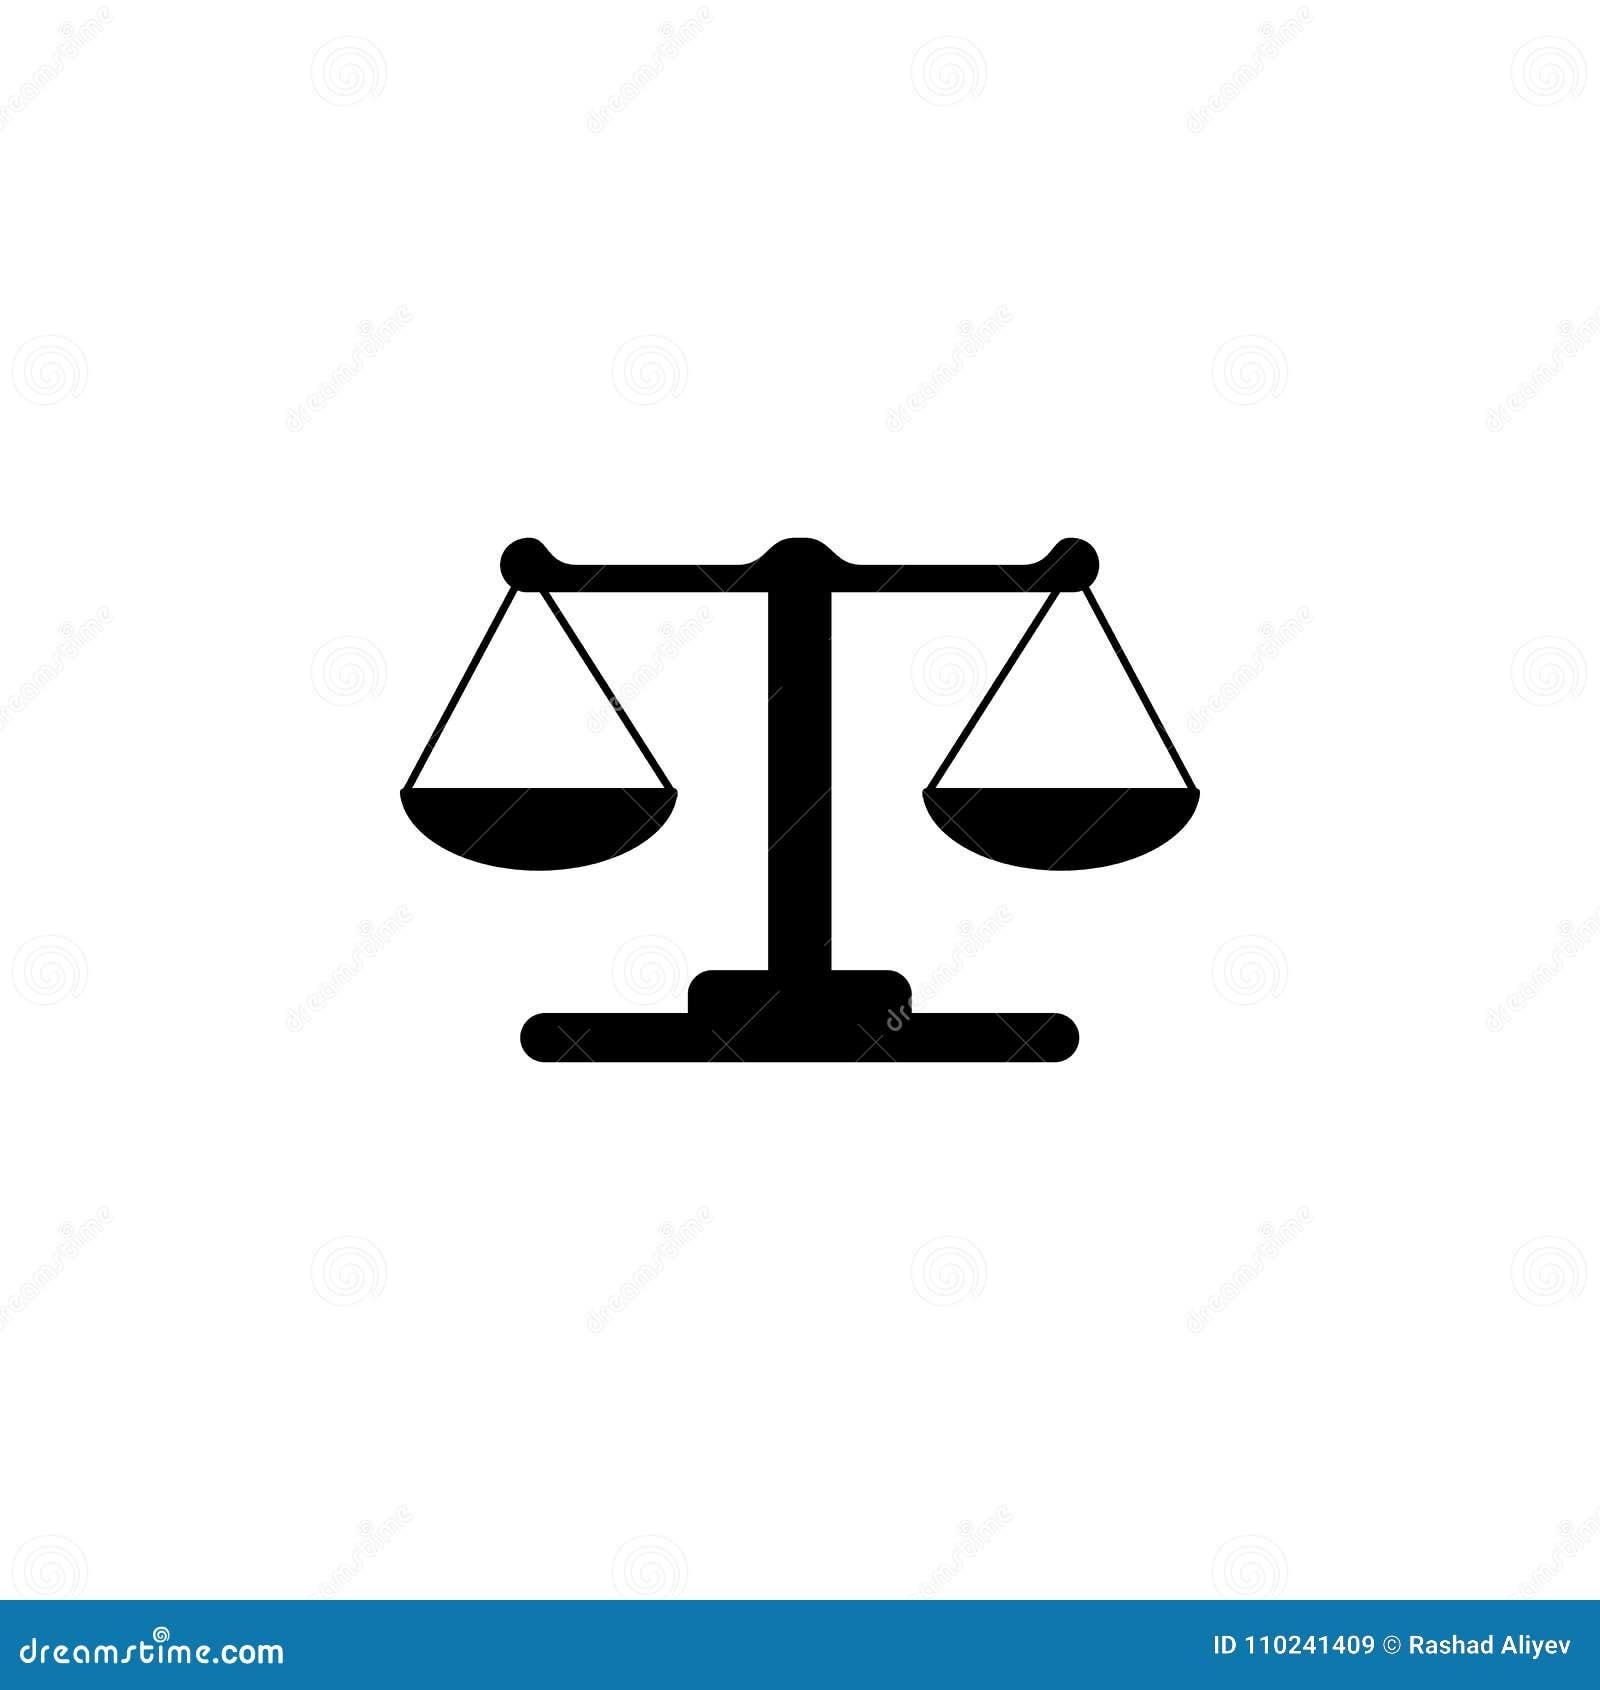 Libra Icon Illustration Of A Criminal Scenes Icon Premium Quality